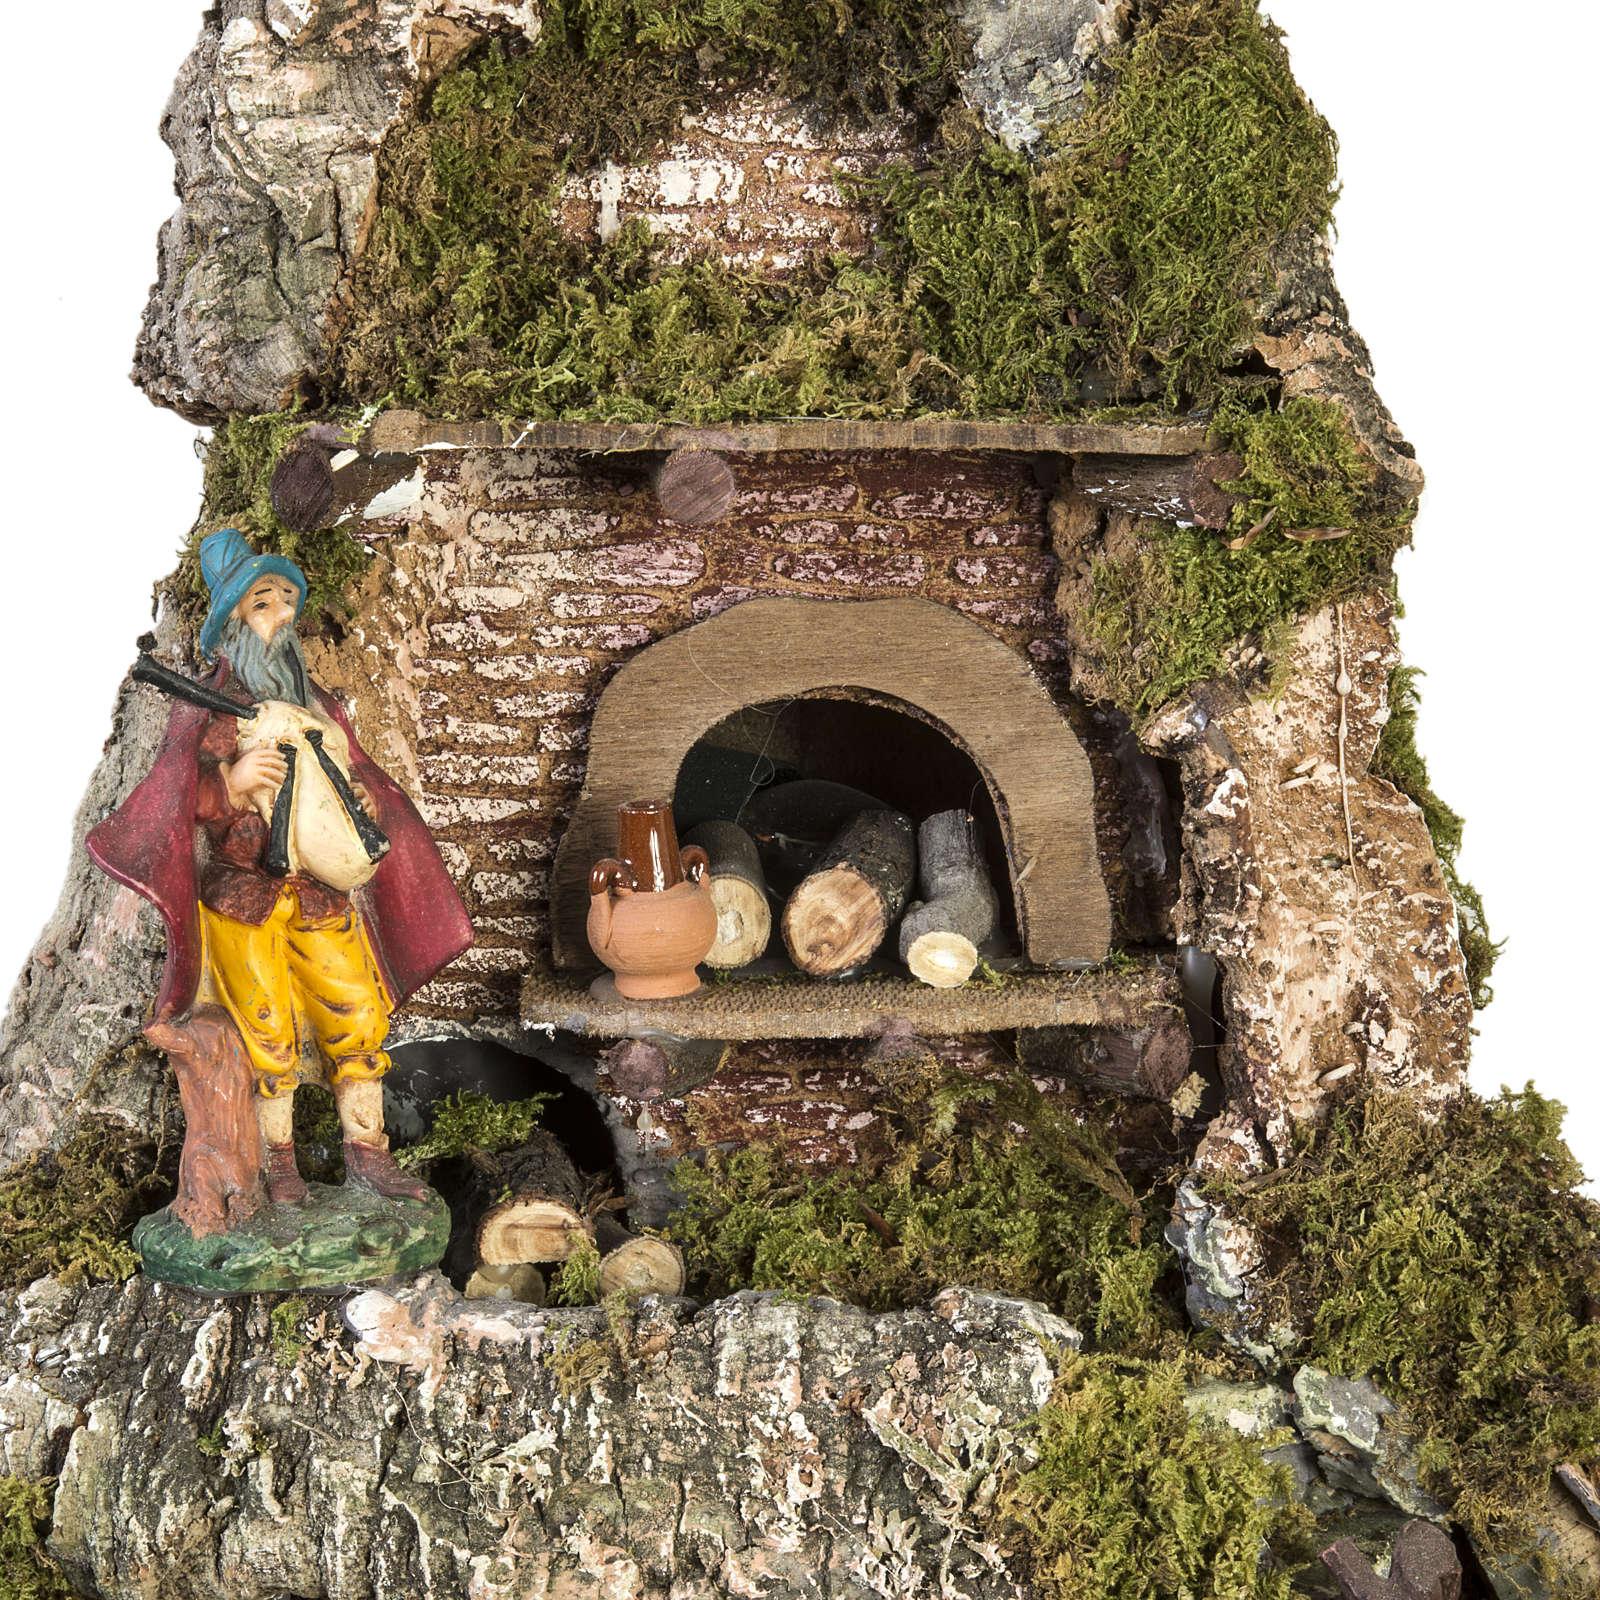 Borgo presepe stile napoletano con capanna luci fontana fuoco 4